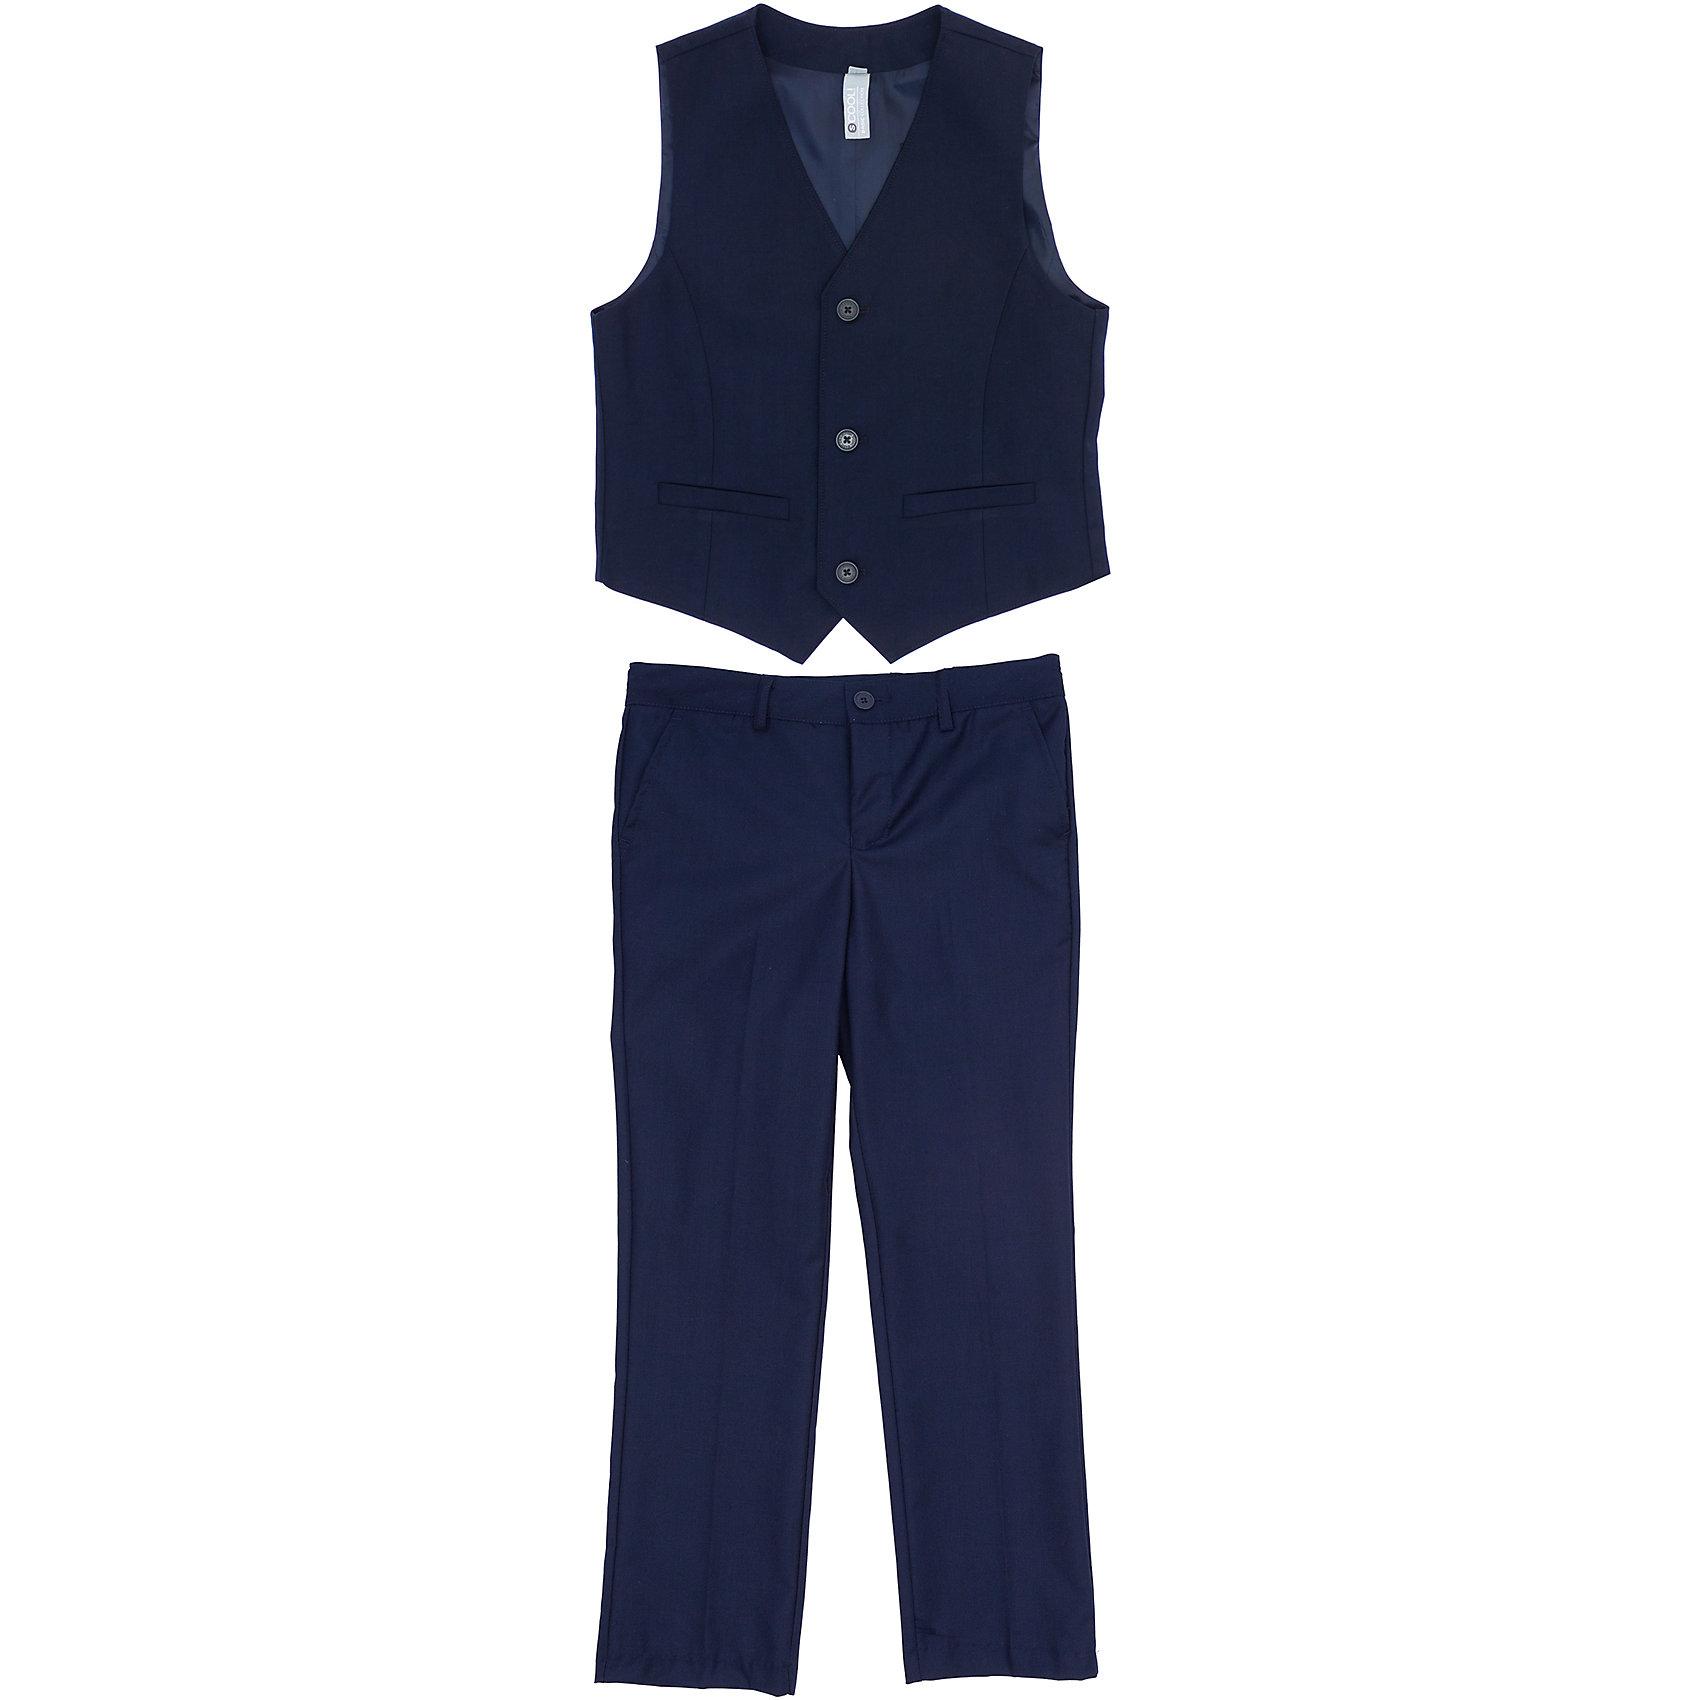 Комплект: жилет и брюки для мальчика ScoolПиджаки и костюмы<br>Комплект: жилет и брюки для мальчика от известного бренда Scool<br>Состав:<br>Верх: 65% полиэстер, 35% вискоза, Подкладка: 65% полиэстер 35% вискоза<br>Классический комплект: жилет и брюки со стрелками. Стильный темно-синий цвет позволяет сочетать комплект с любыми рубашками. <br>Жилет на подкладке, застегивается на 3 пуговицы. Украшен декоративными карманами. <br>Брюки застегиваются на молнию и пуговицу, есть шлевки для ремня. Спереди 2 функциональных кармана.<br><br>Ширина мм: 247<br>Глубина мм: 16<br>Высота мм: 140<br>Вес г: 225<br>Цвет: полуночно-синий<br>Возраст от месяцев: 72<br>Возраст до месяцев: 84<br>Пол: Мужской<br>Возраст: Детский<br>Размер: 122,134,164,158,152,146,140,128<br>SKU: 4686715